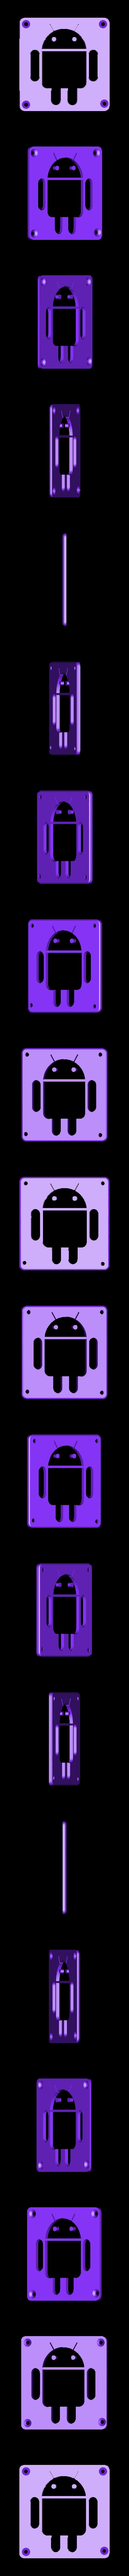 Android_Plate.STL Télécharger fichier STL gratuit Lampe de nuit/lampe de nuit Android Robot LED • Plan à imprimer en 3D, Balkhagal4D